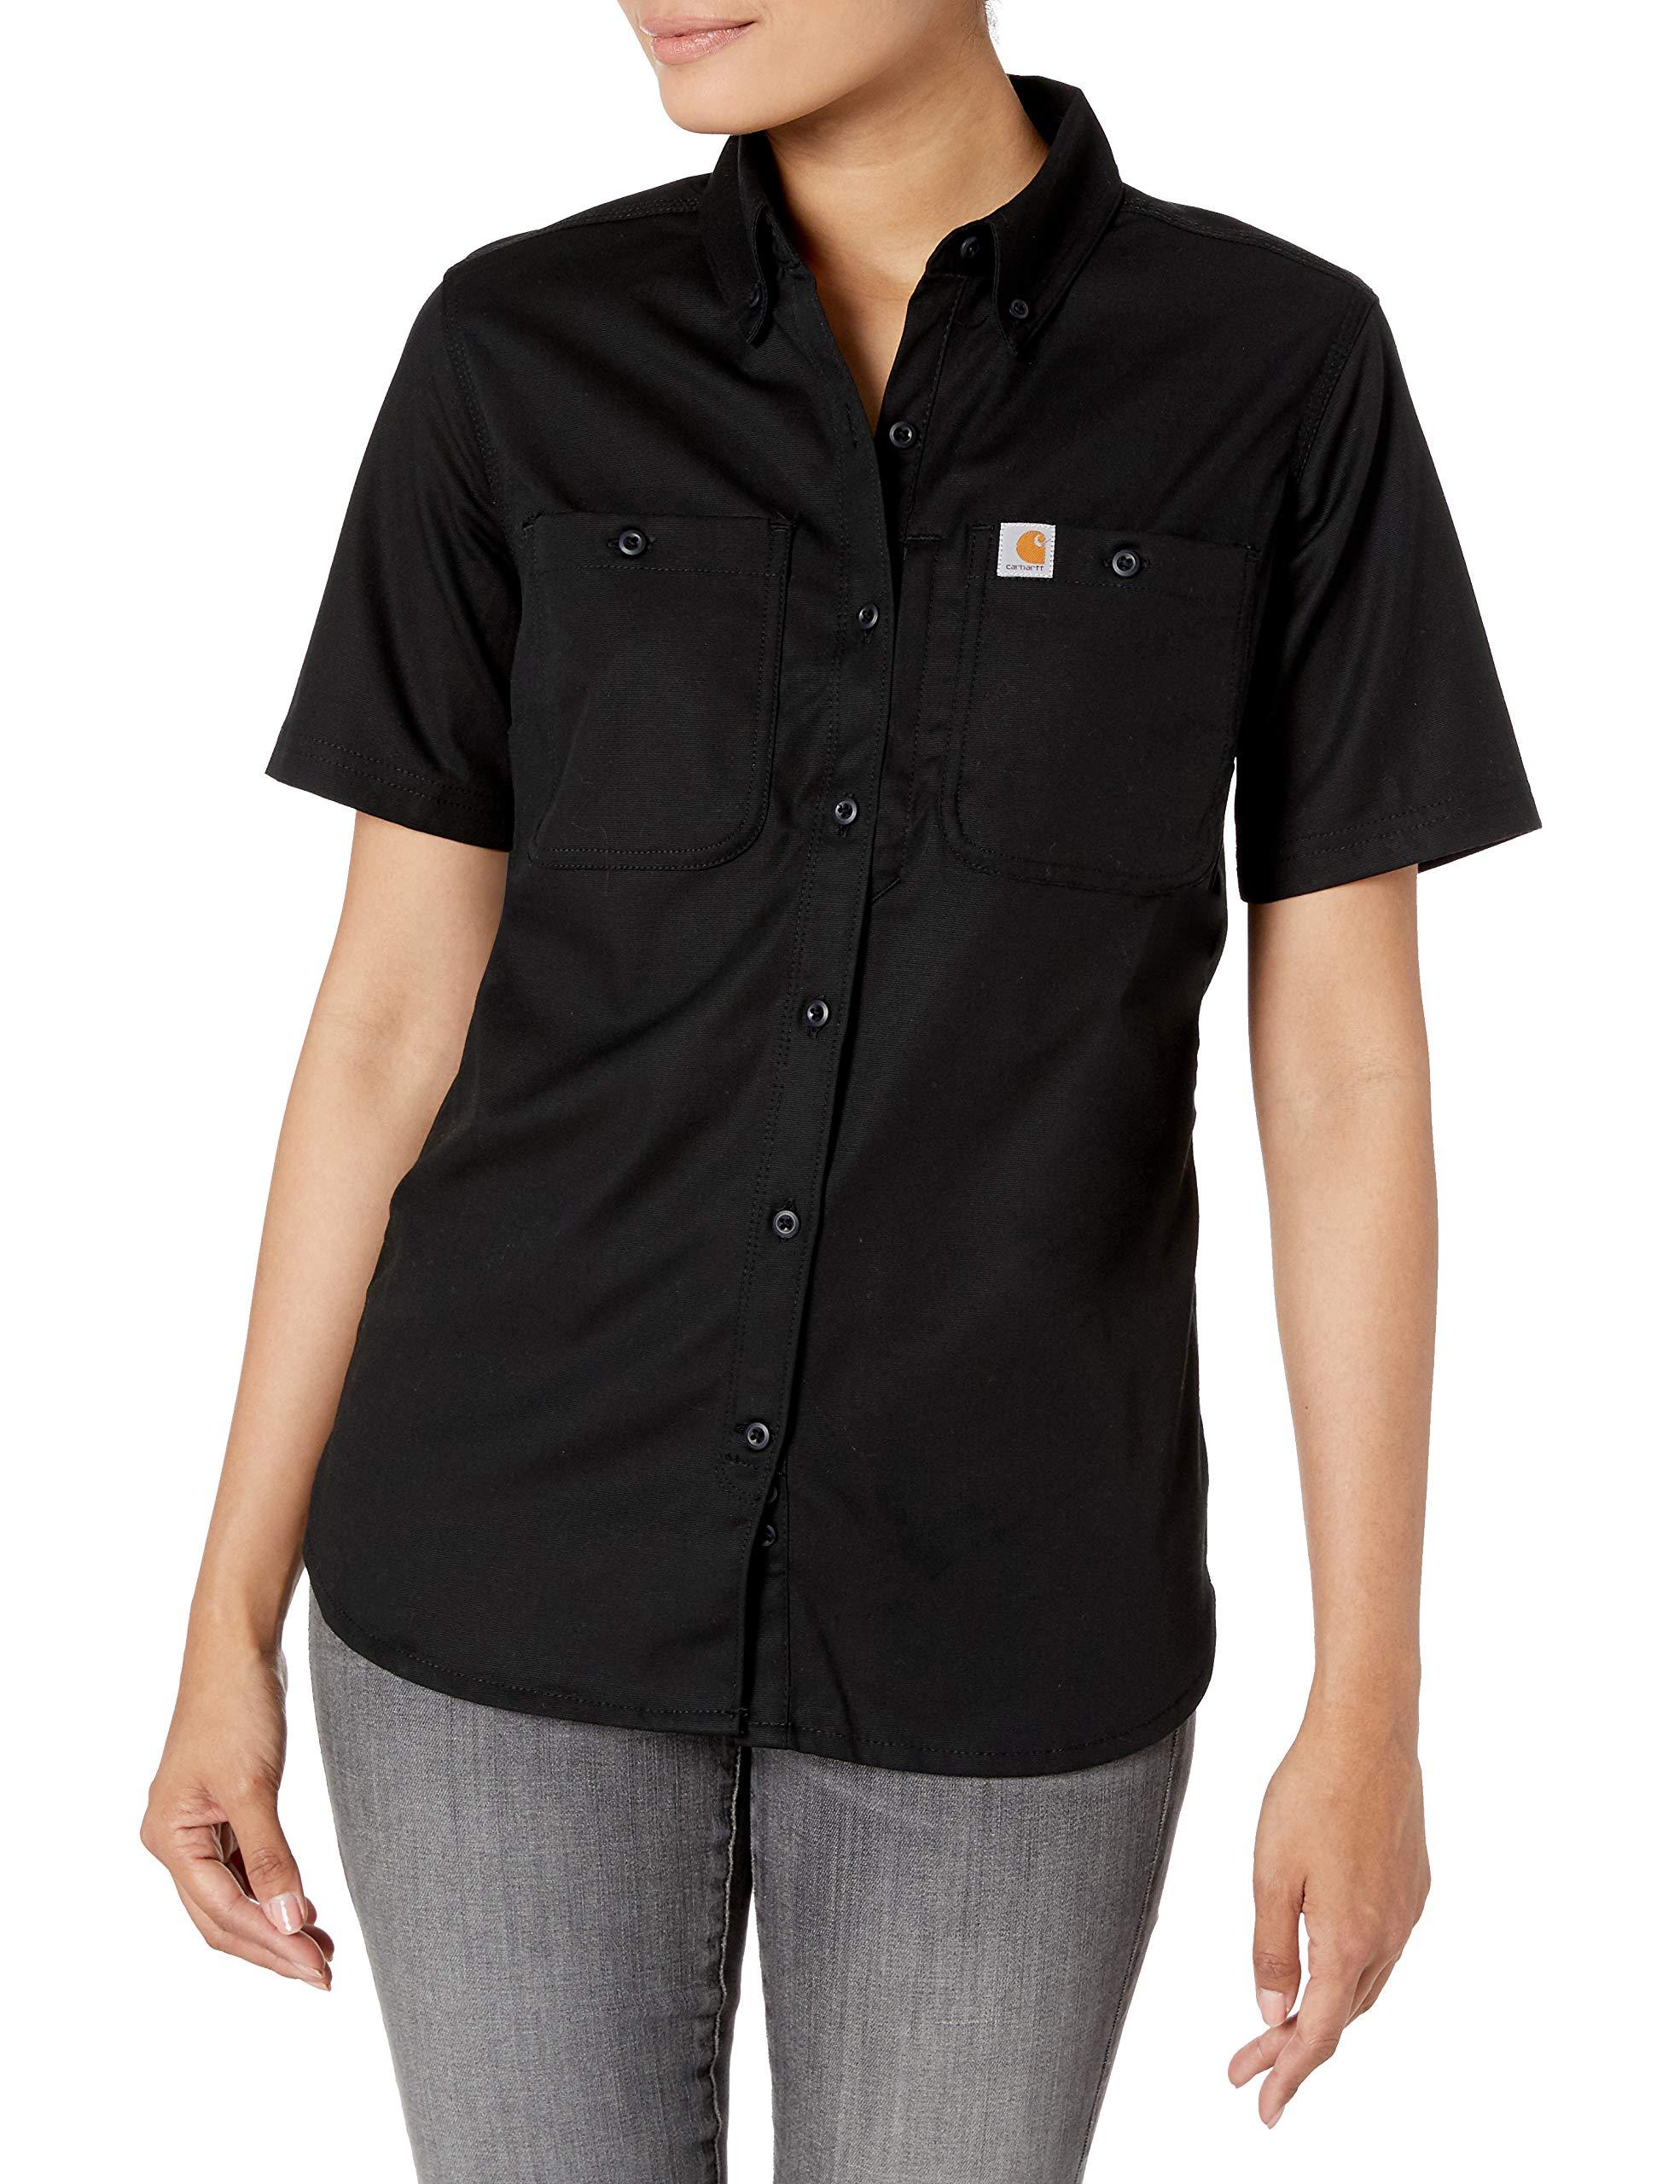 Carhartt Women's Regular Rugged Professional Short Sleeve Shirt